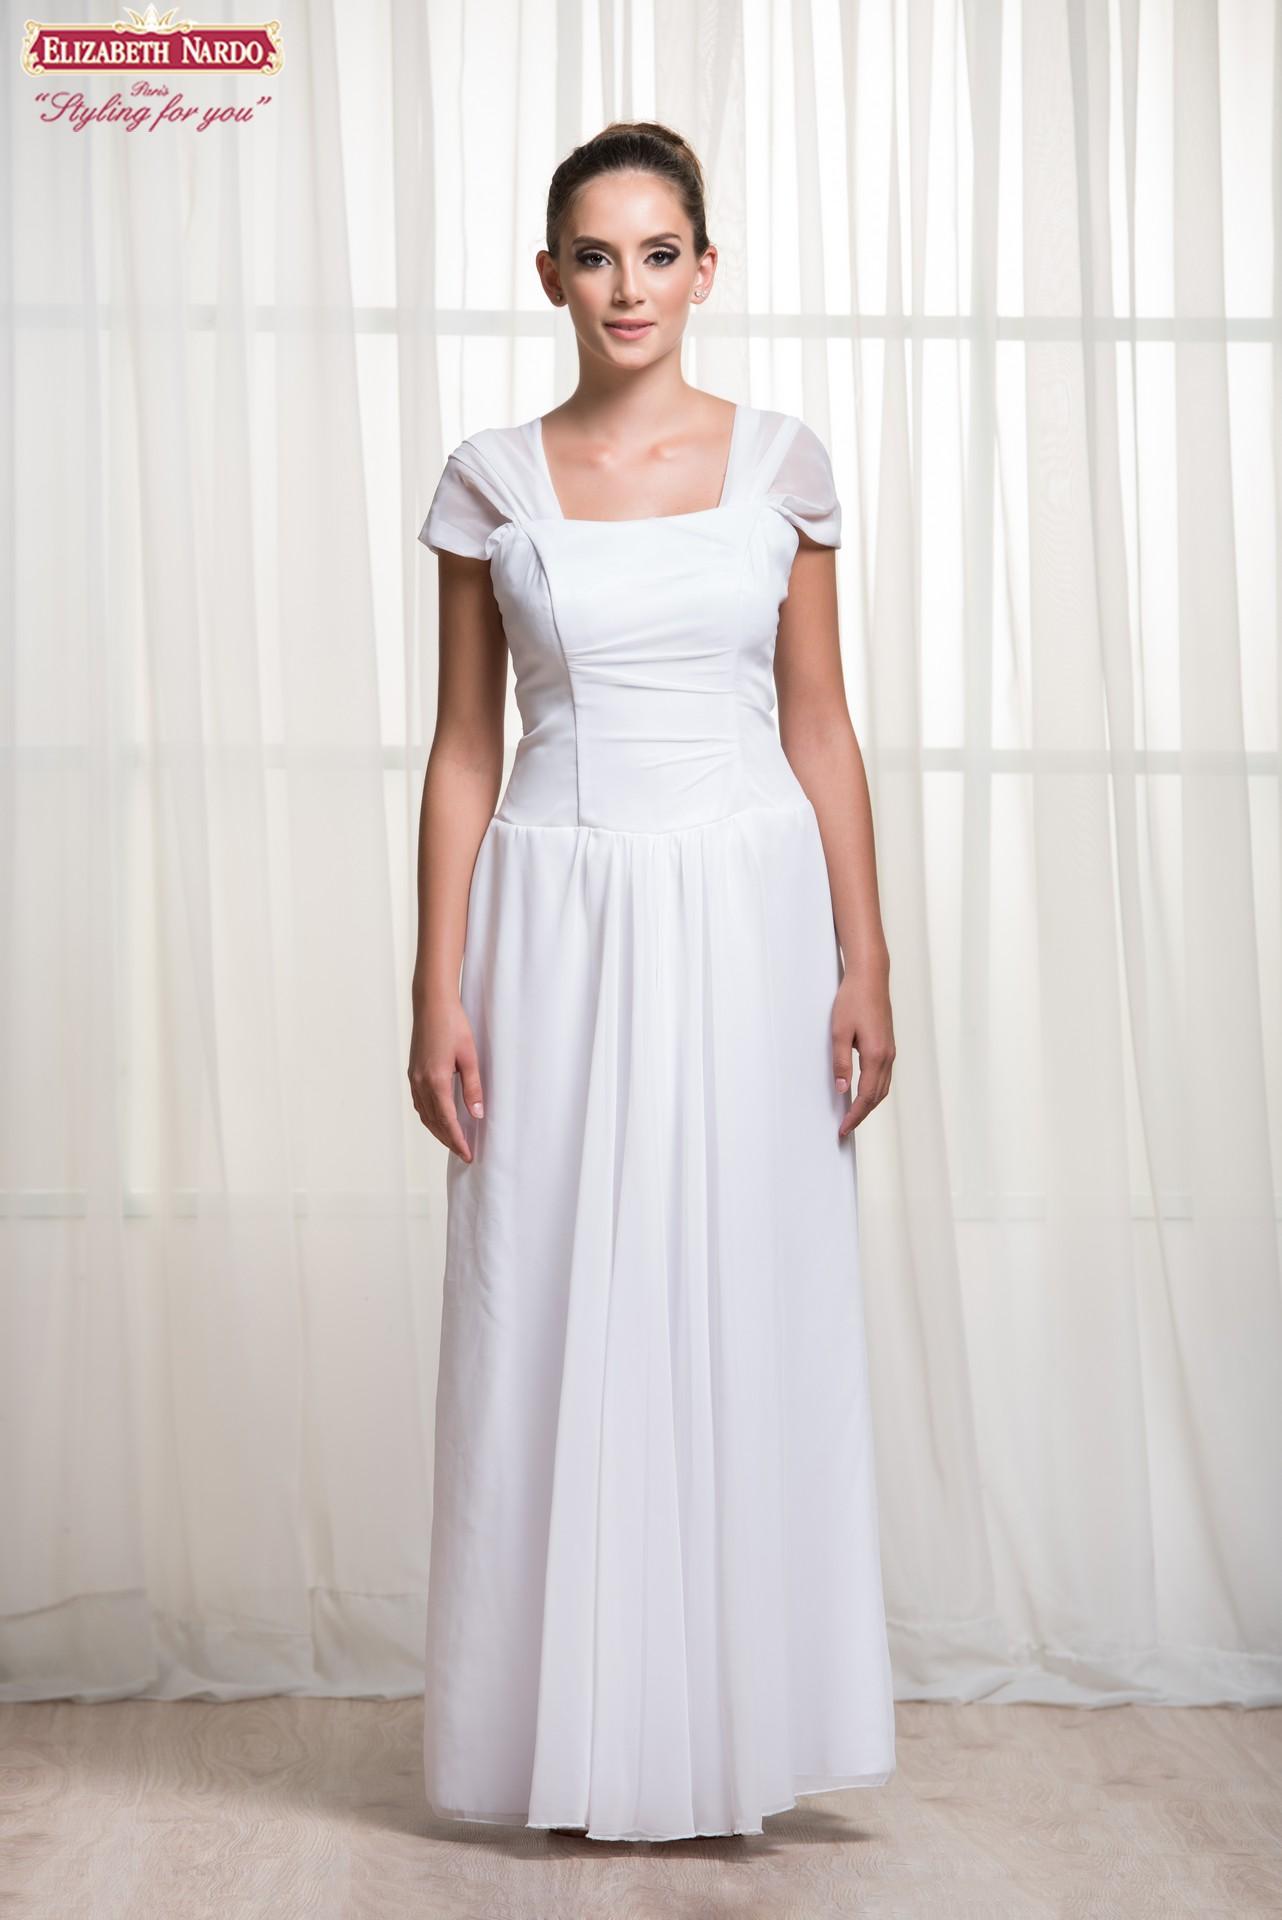 7377664f88 Menyasszonyi ruha és menyecske ruha Plus Size - Menyasszonyi ruha ...